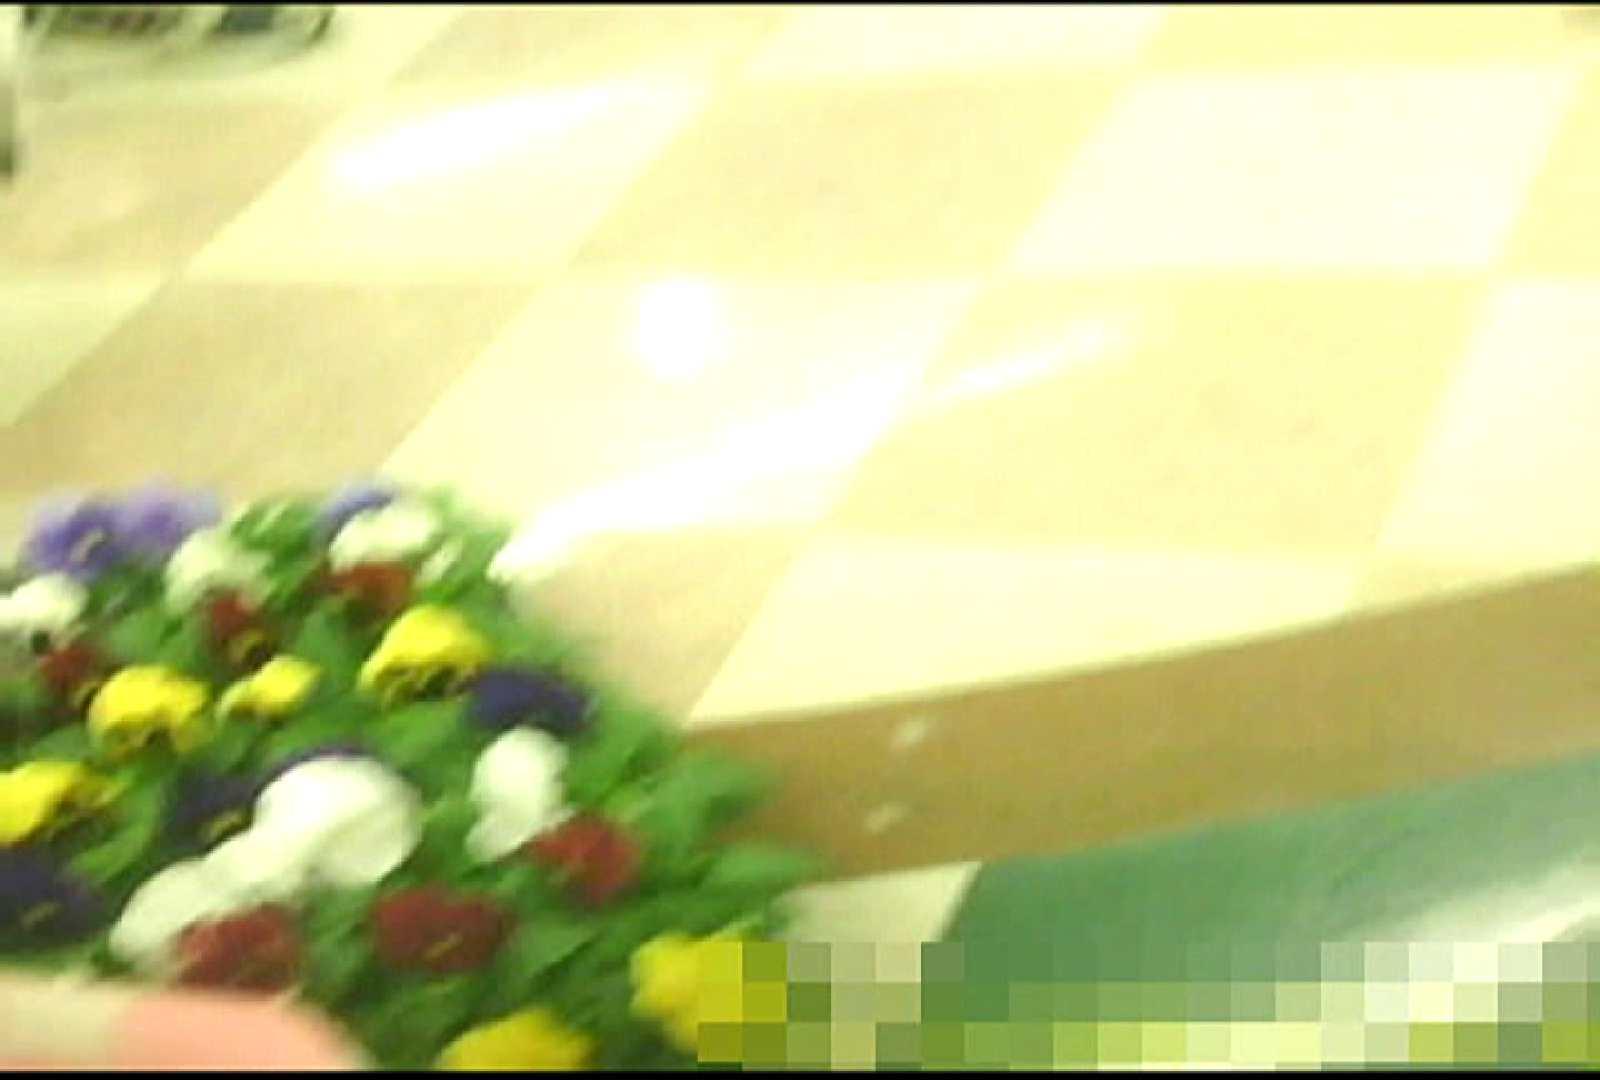 「ノゾキスト」さんの陰撮!!美女サルベージVol.4 OLヌード天国  58PIX 18